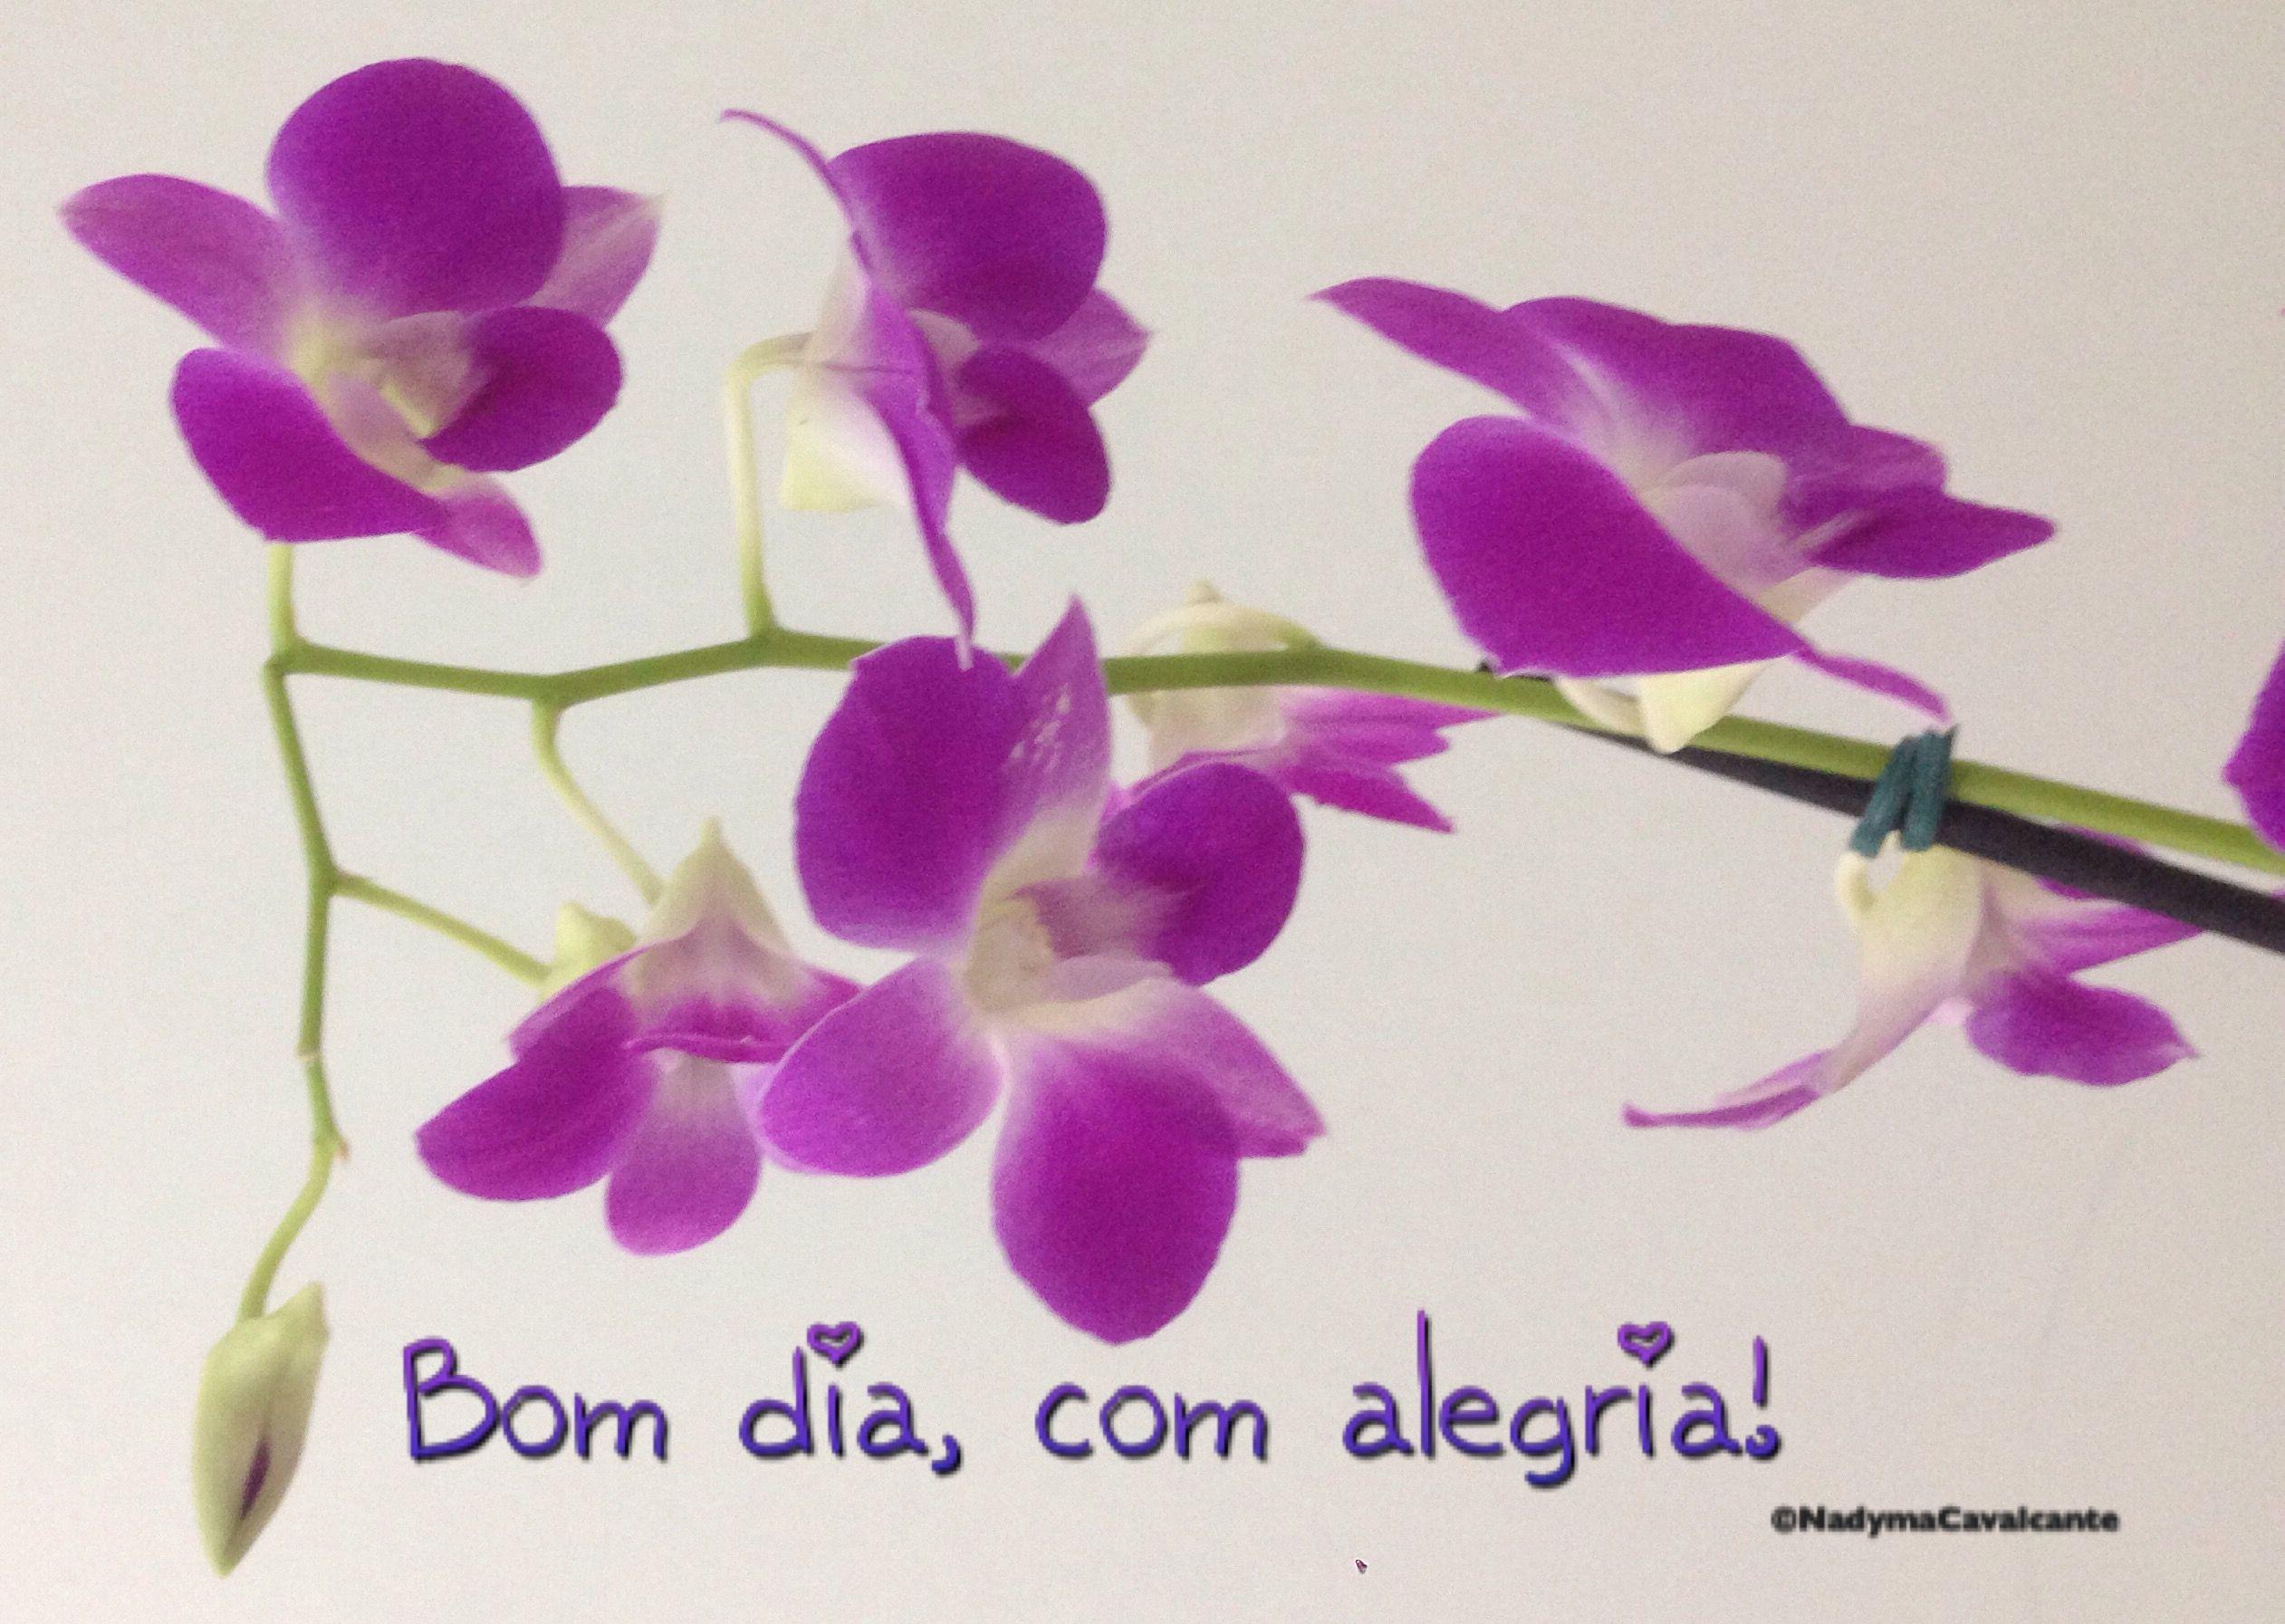 Bom dia, com alegria no coração, fé na vida e esforço para ser um pouco melhor, a cada dia!